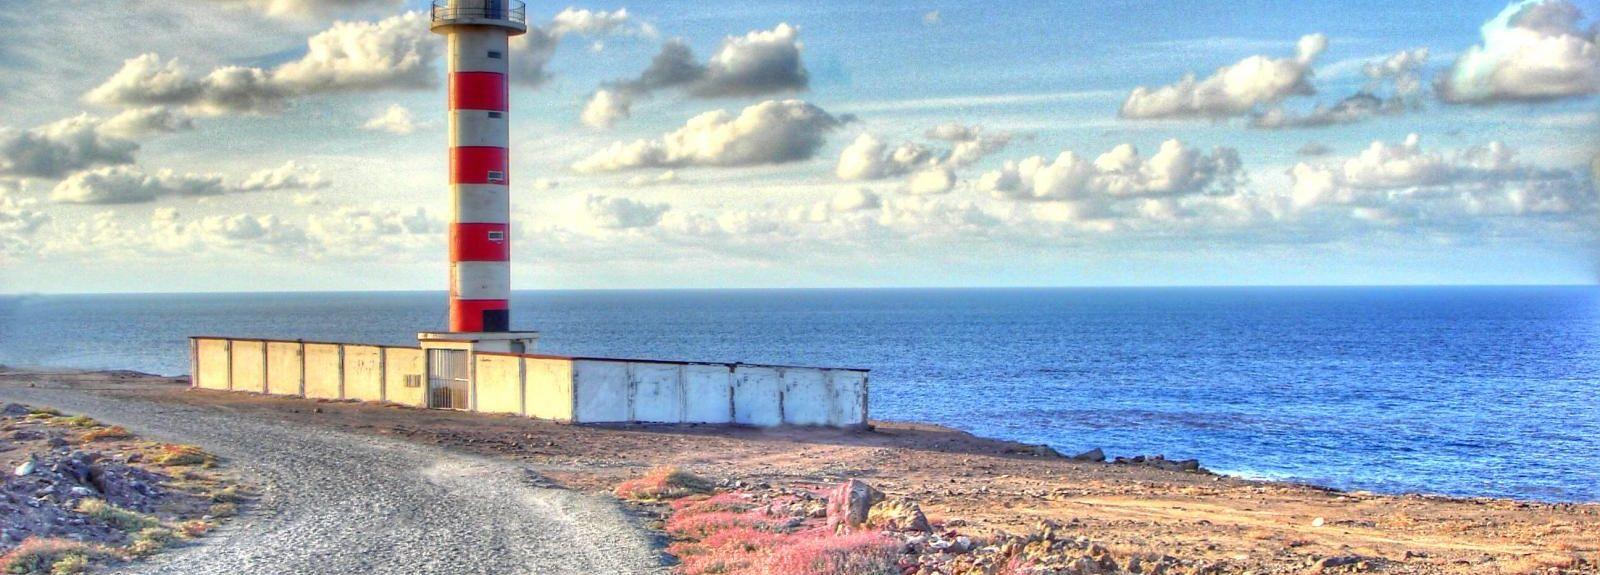 Sardinia de Galdarin uimaranta, Sardina, Kanariansaaret, Espanjassa